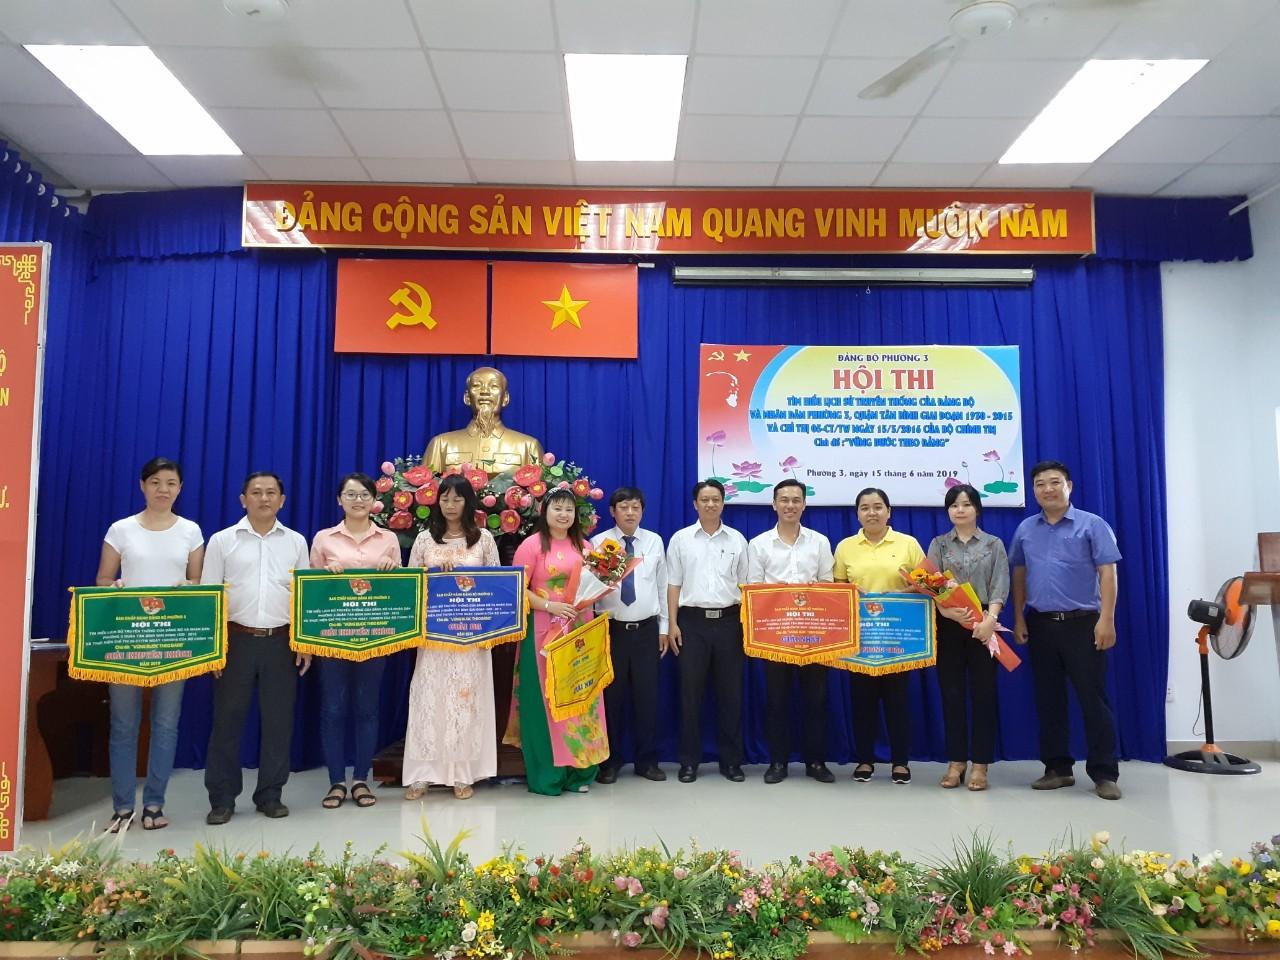 Phường 3: Hội thi tìm hiểu lịch sử Đảng bộ và Nhân dân phường 3, quận Tân Bình giai đoạn 1930 - 2015